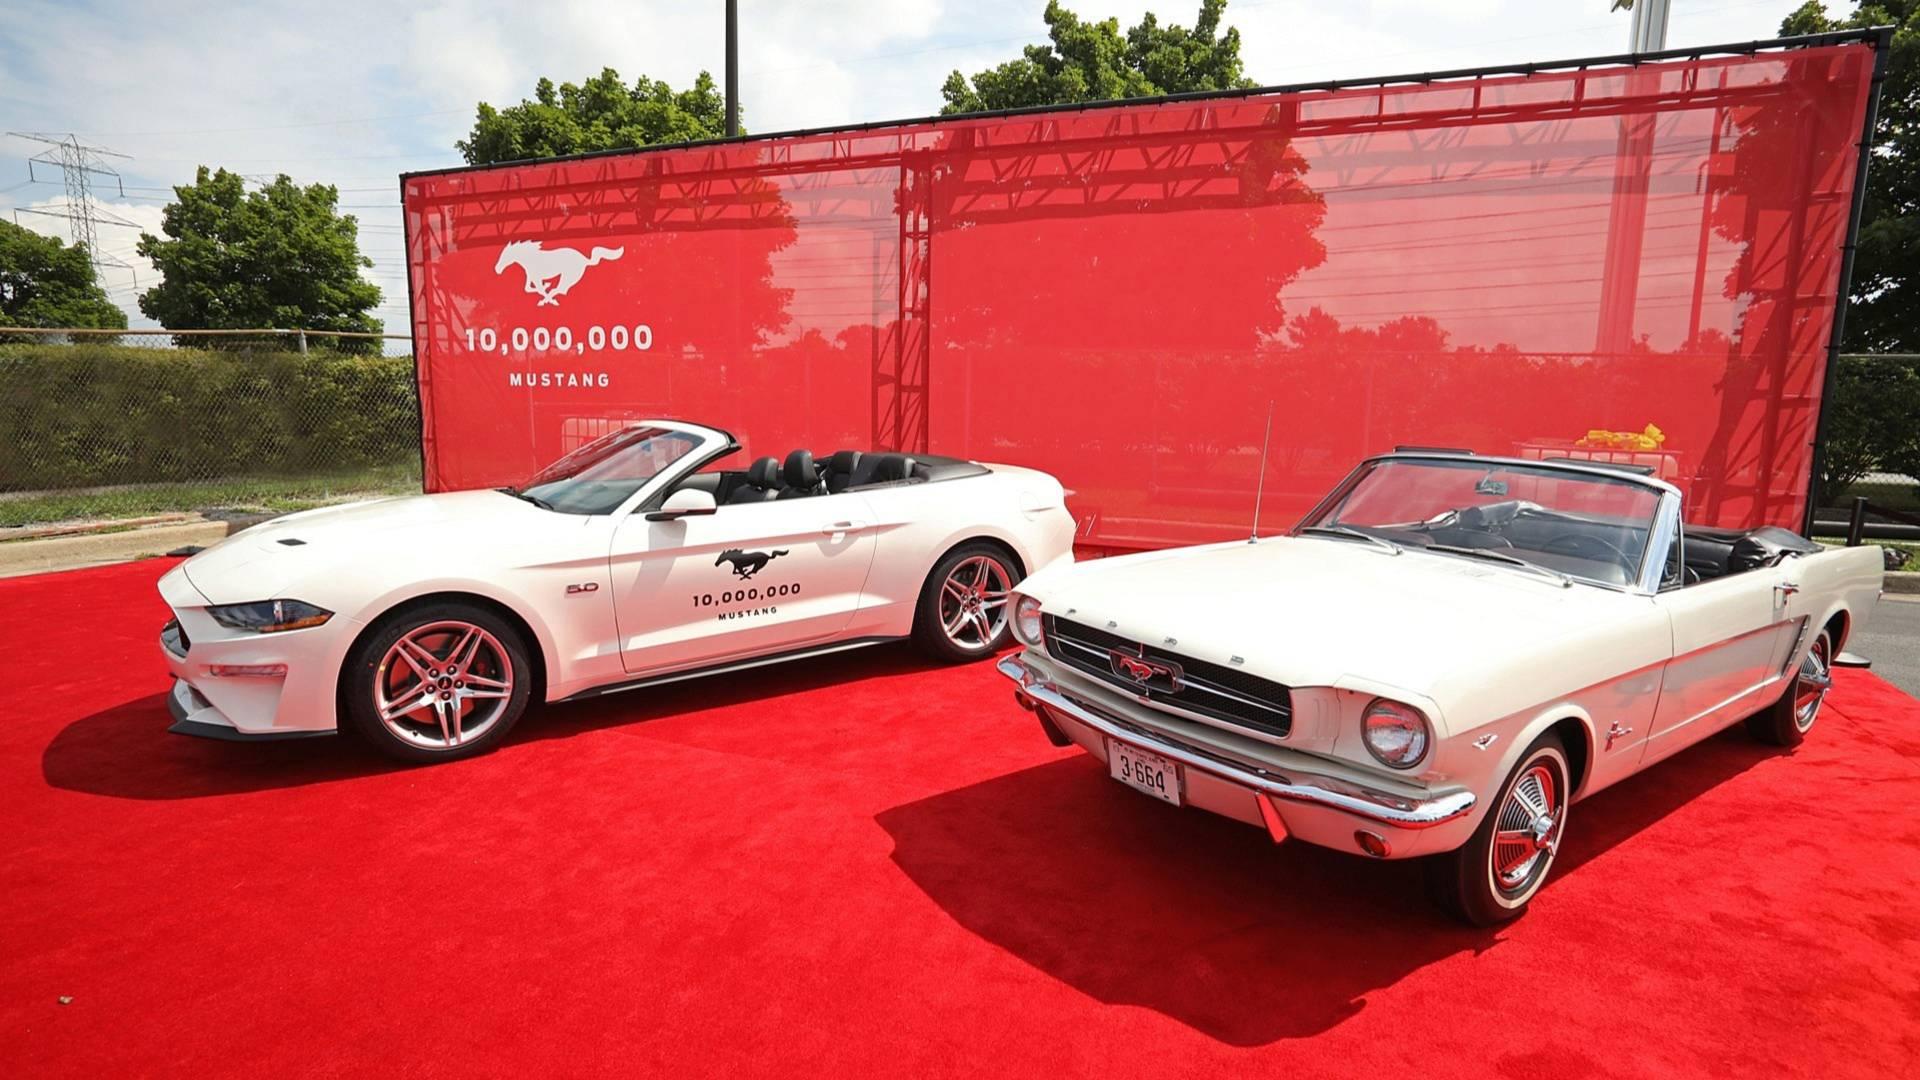 Ford го слави 10-милионитиот Mustang / ВИДЕО